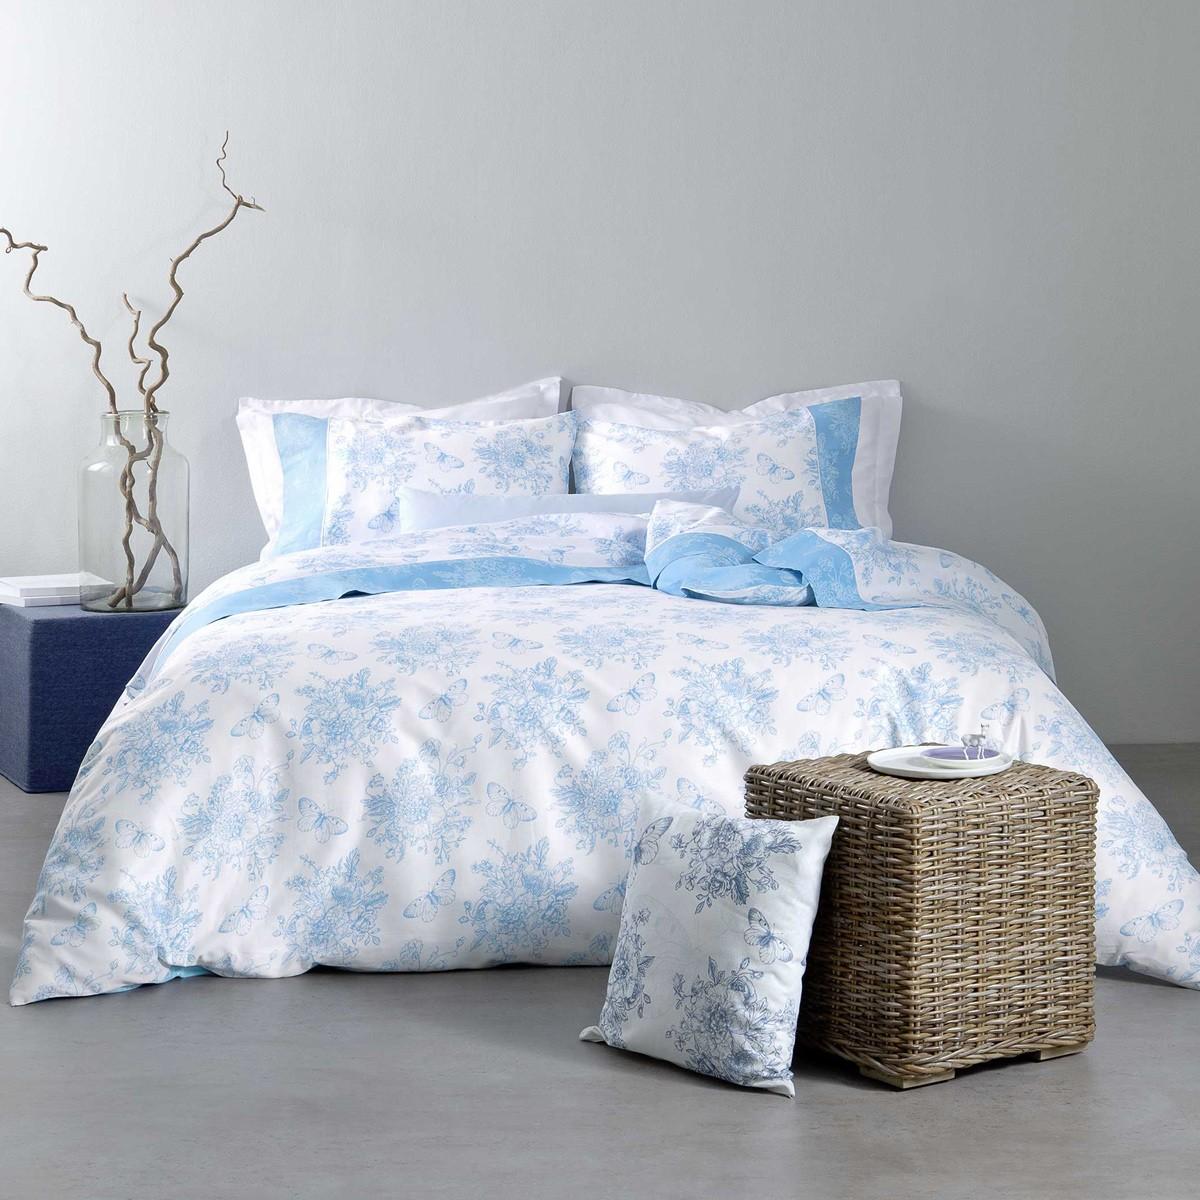 Κουβερλί Υπέρδιπλο Nima Bed Linen Whitehall Blue